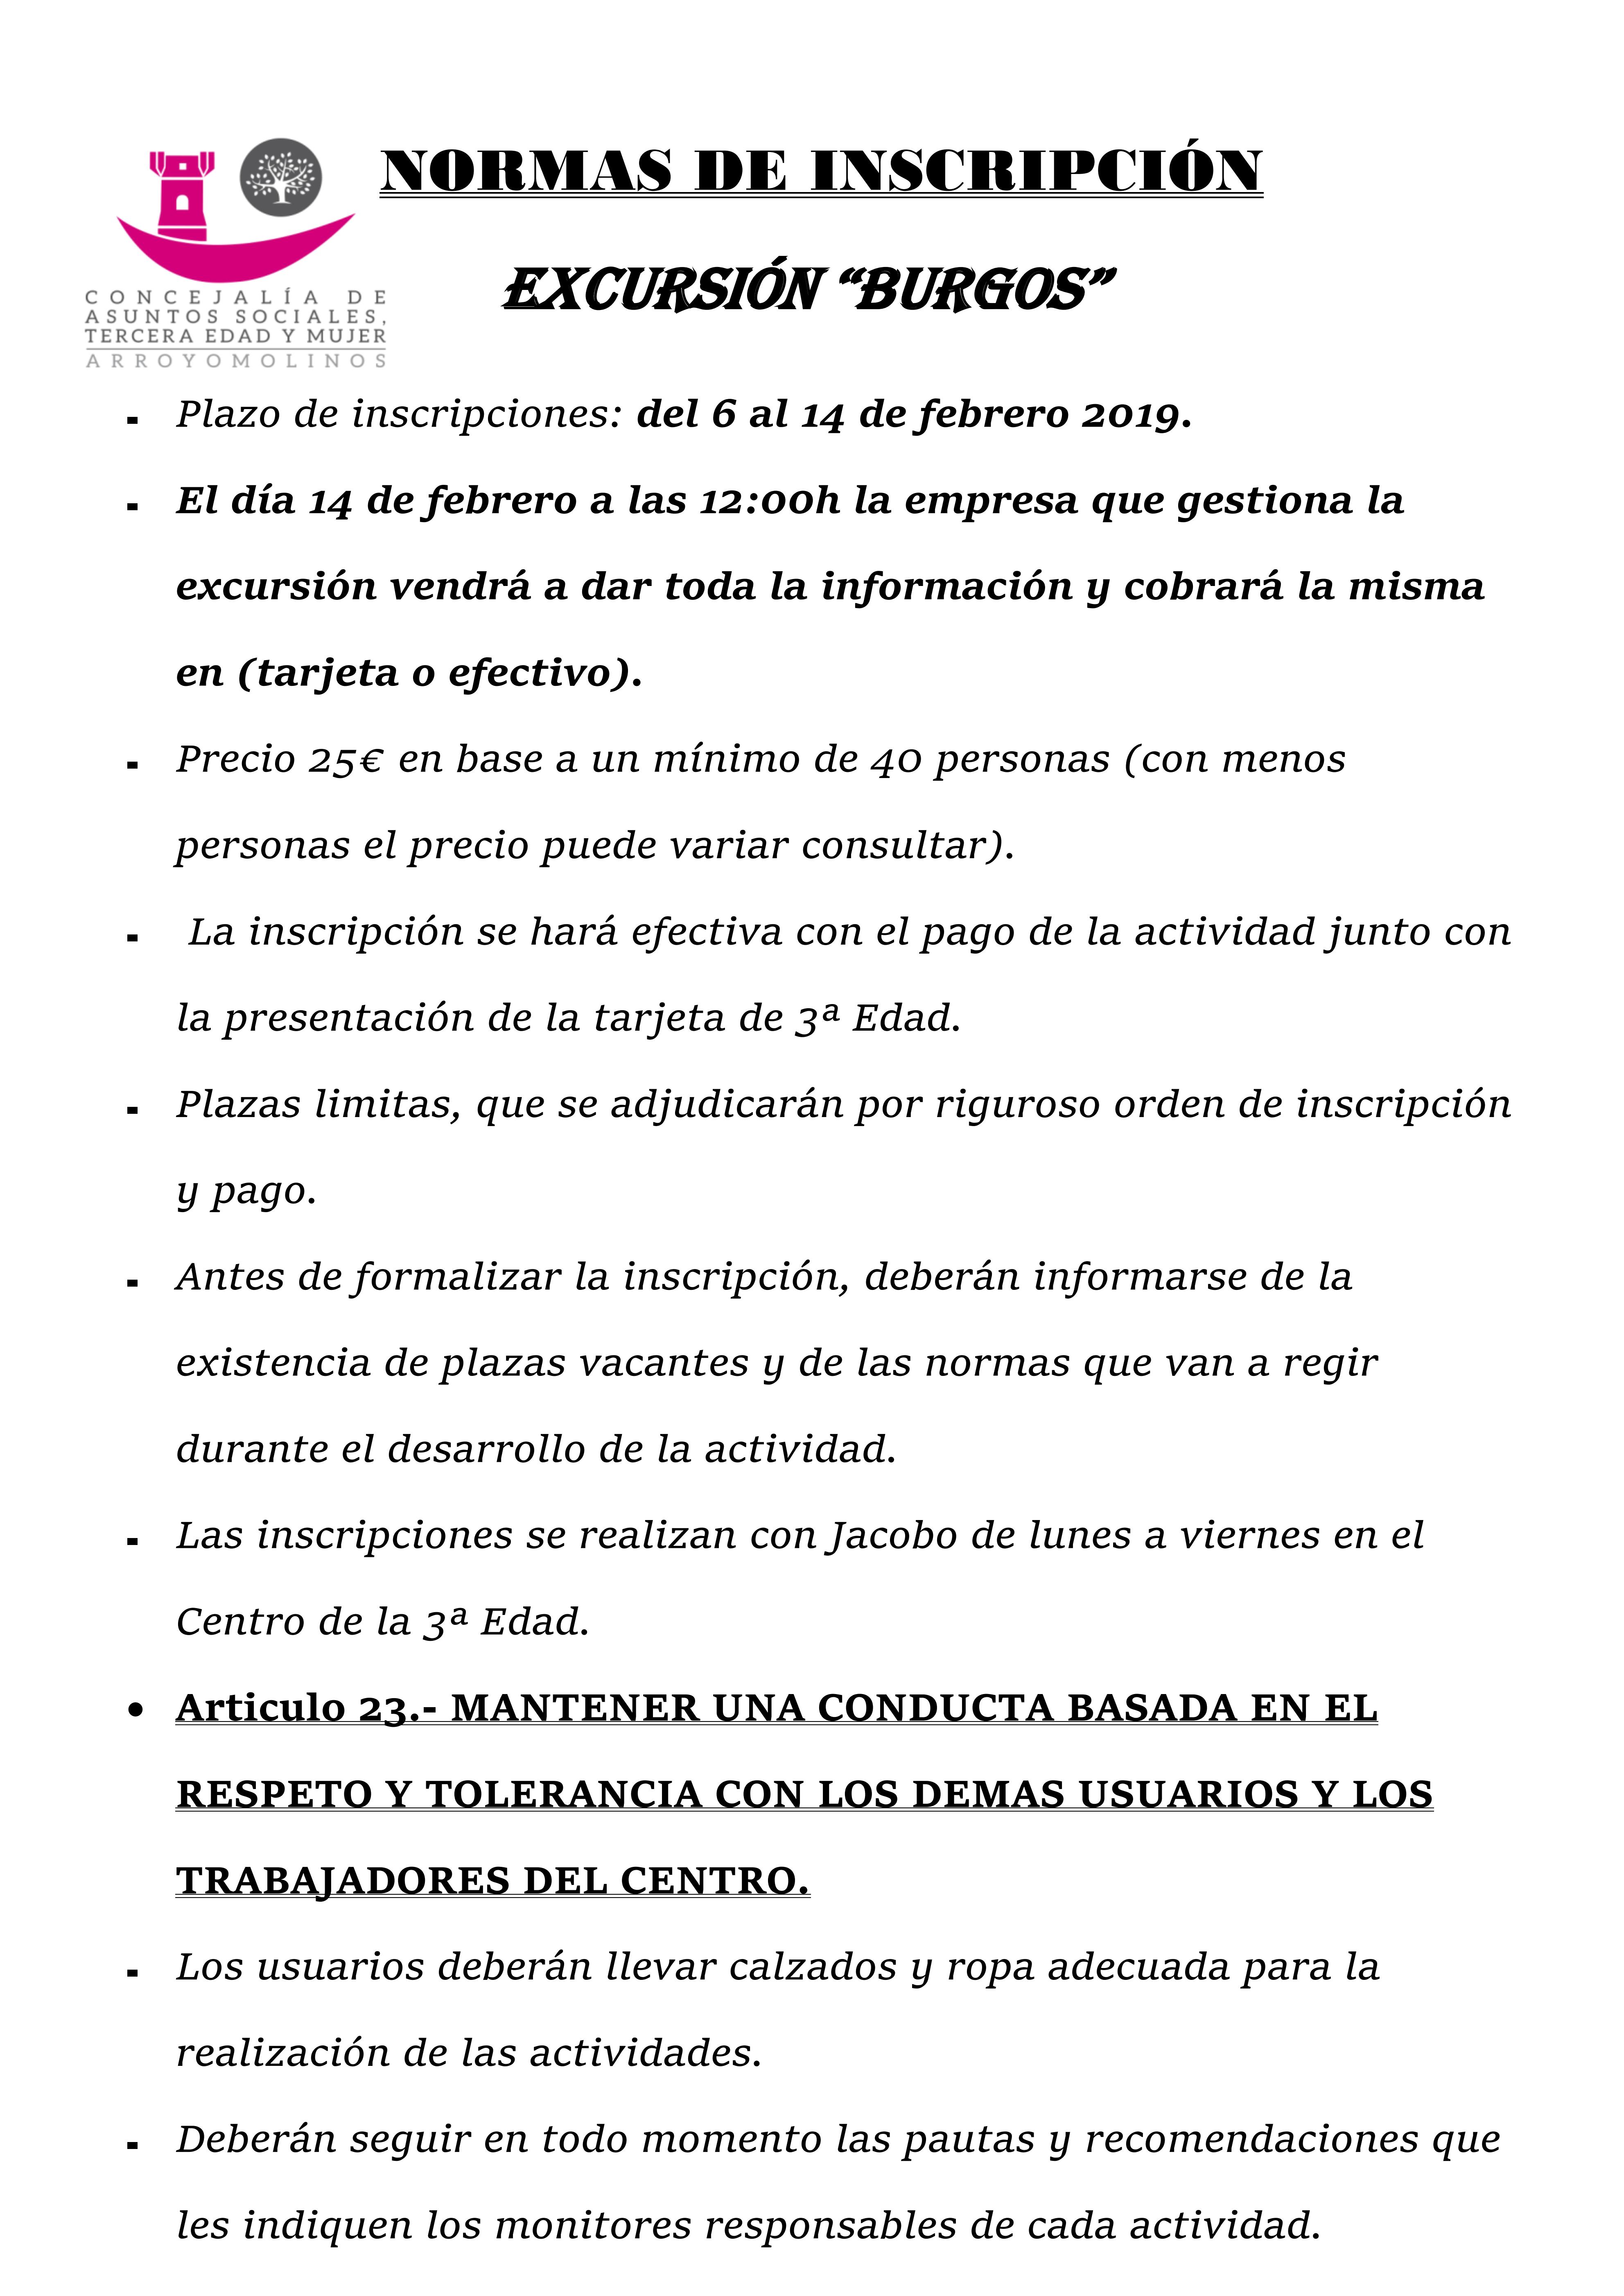 NORMAS EXCUSIONES_0.png